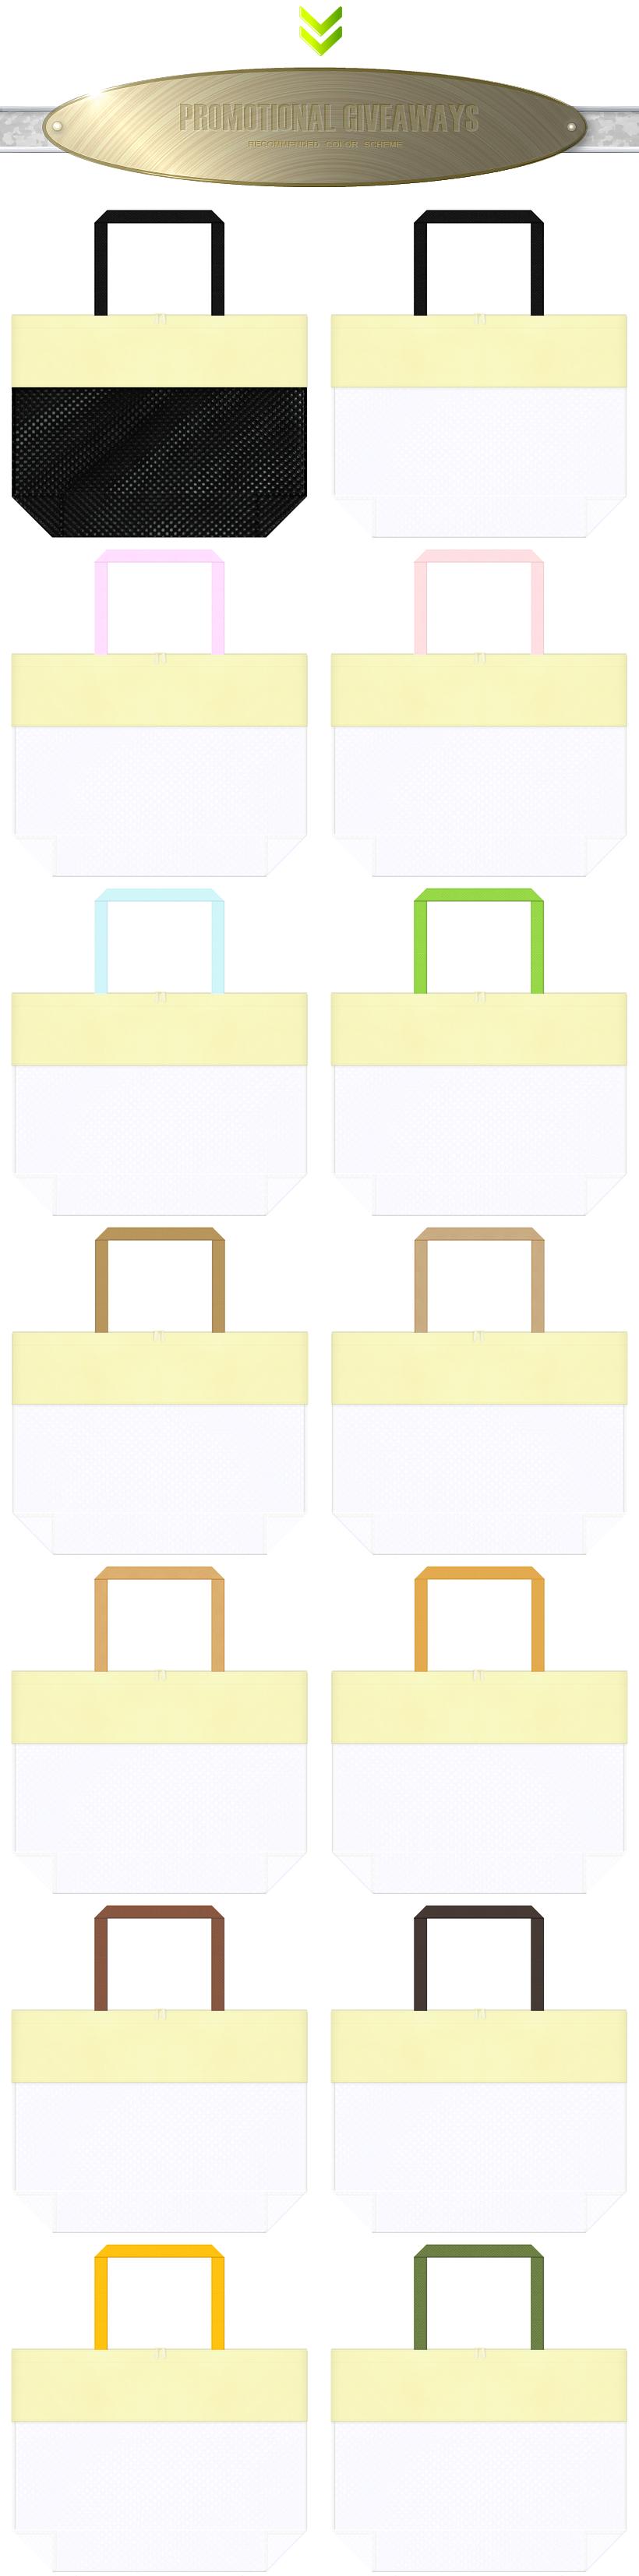 黒色メッシュ・白色メッシュと薄黄色をメインに使用した、台形型のメッシュバッグのカラーシミュレーション